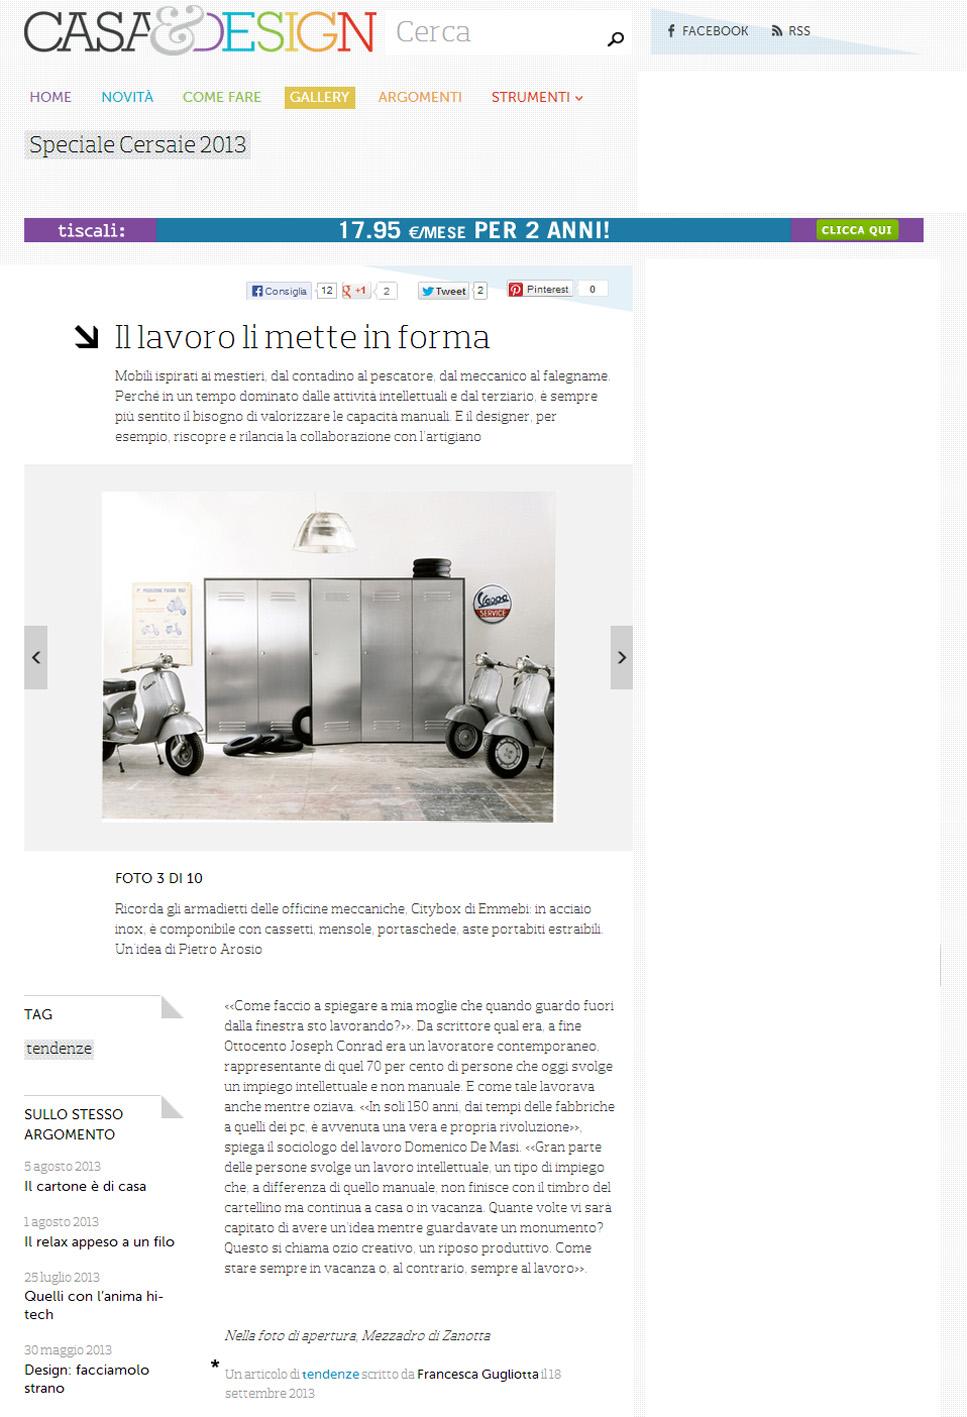 www.design.repubblica.it 18 Settembre 2013.jpg